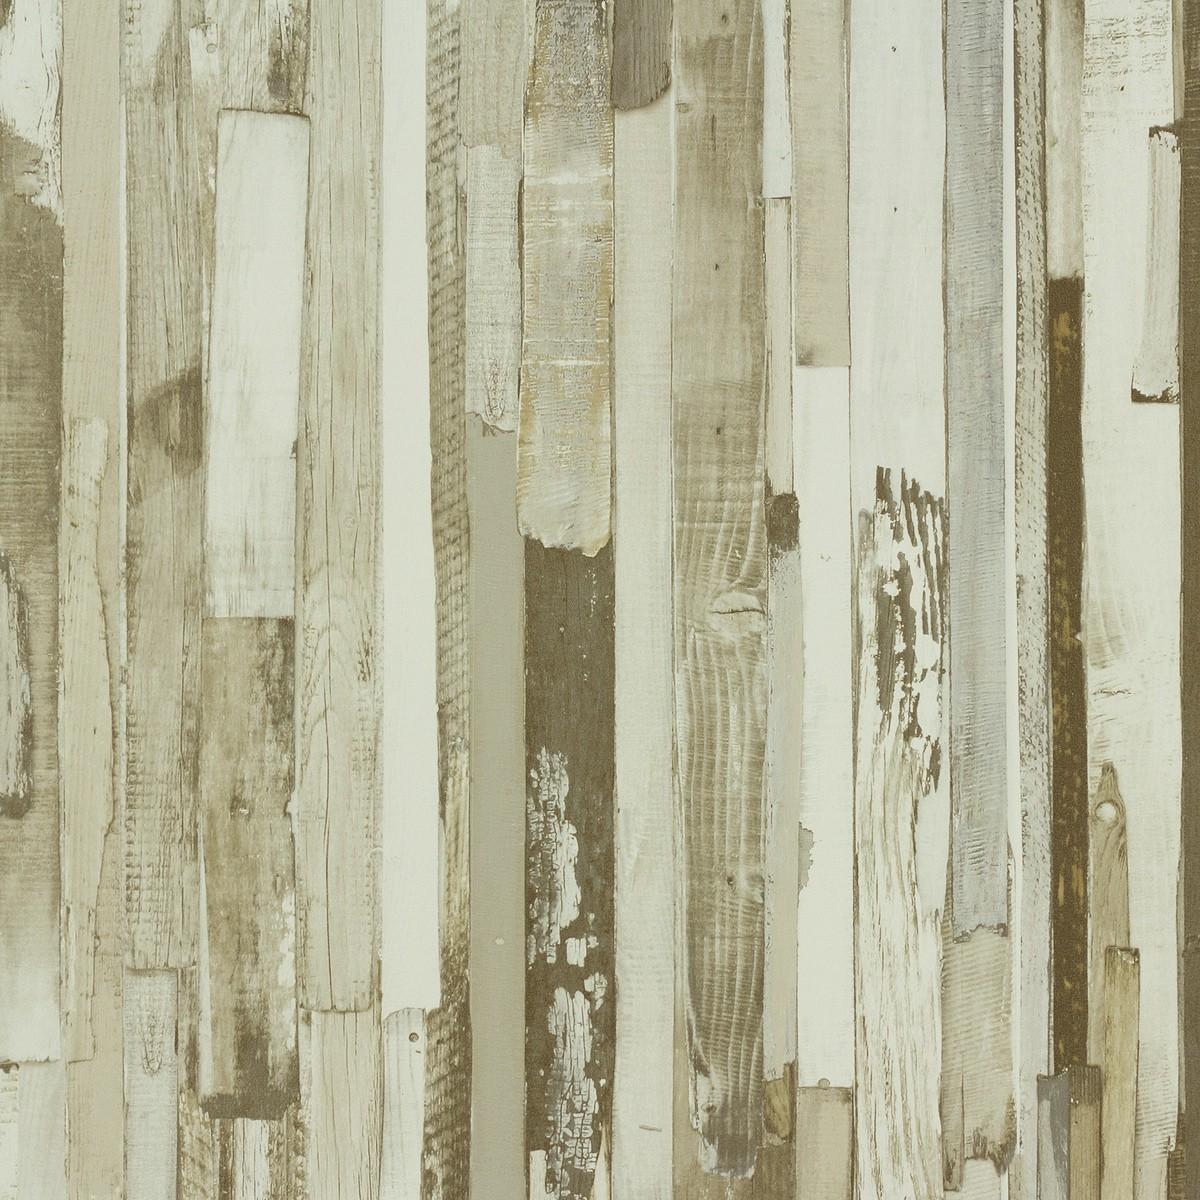 tapete holzoptik creme beige tapeten rasch textil new age. Black Bedroom Furniture Sets. Home Design Ideas